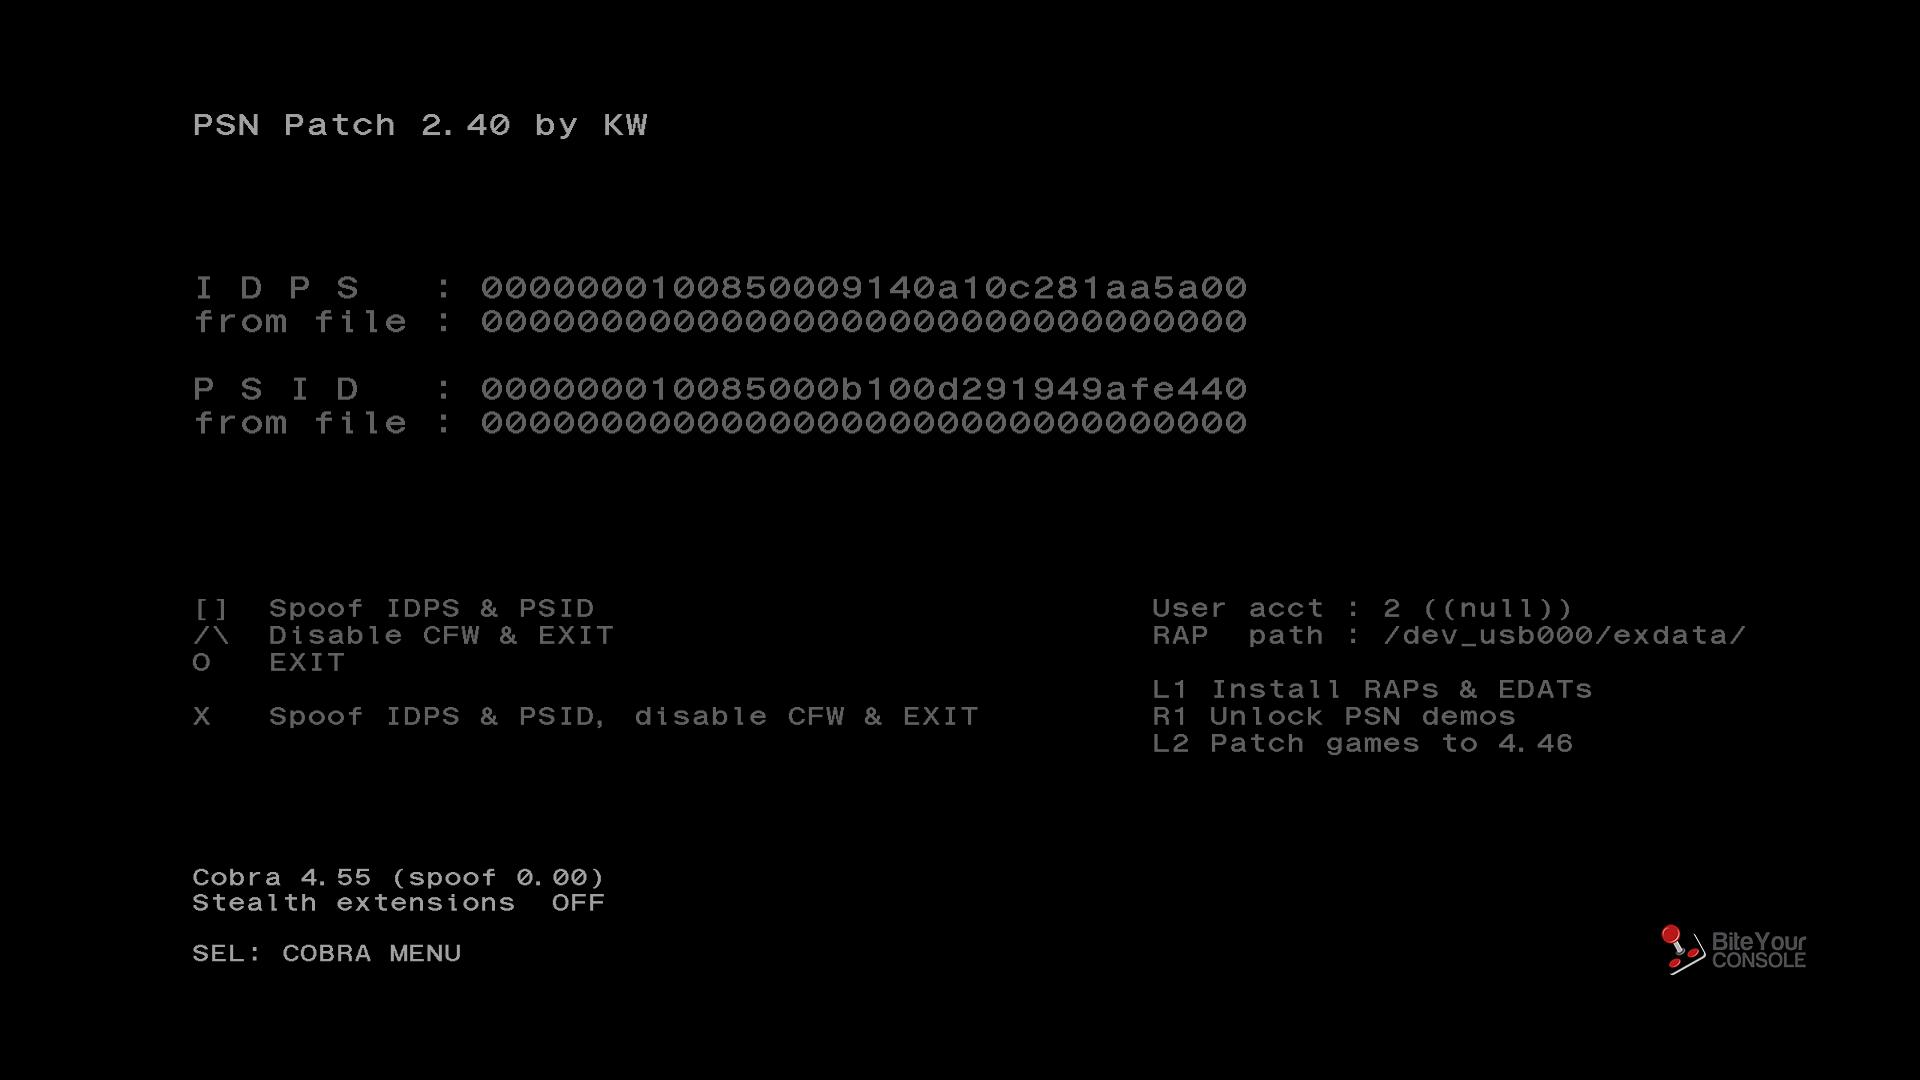 PSN Patch - 2.40